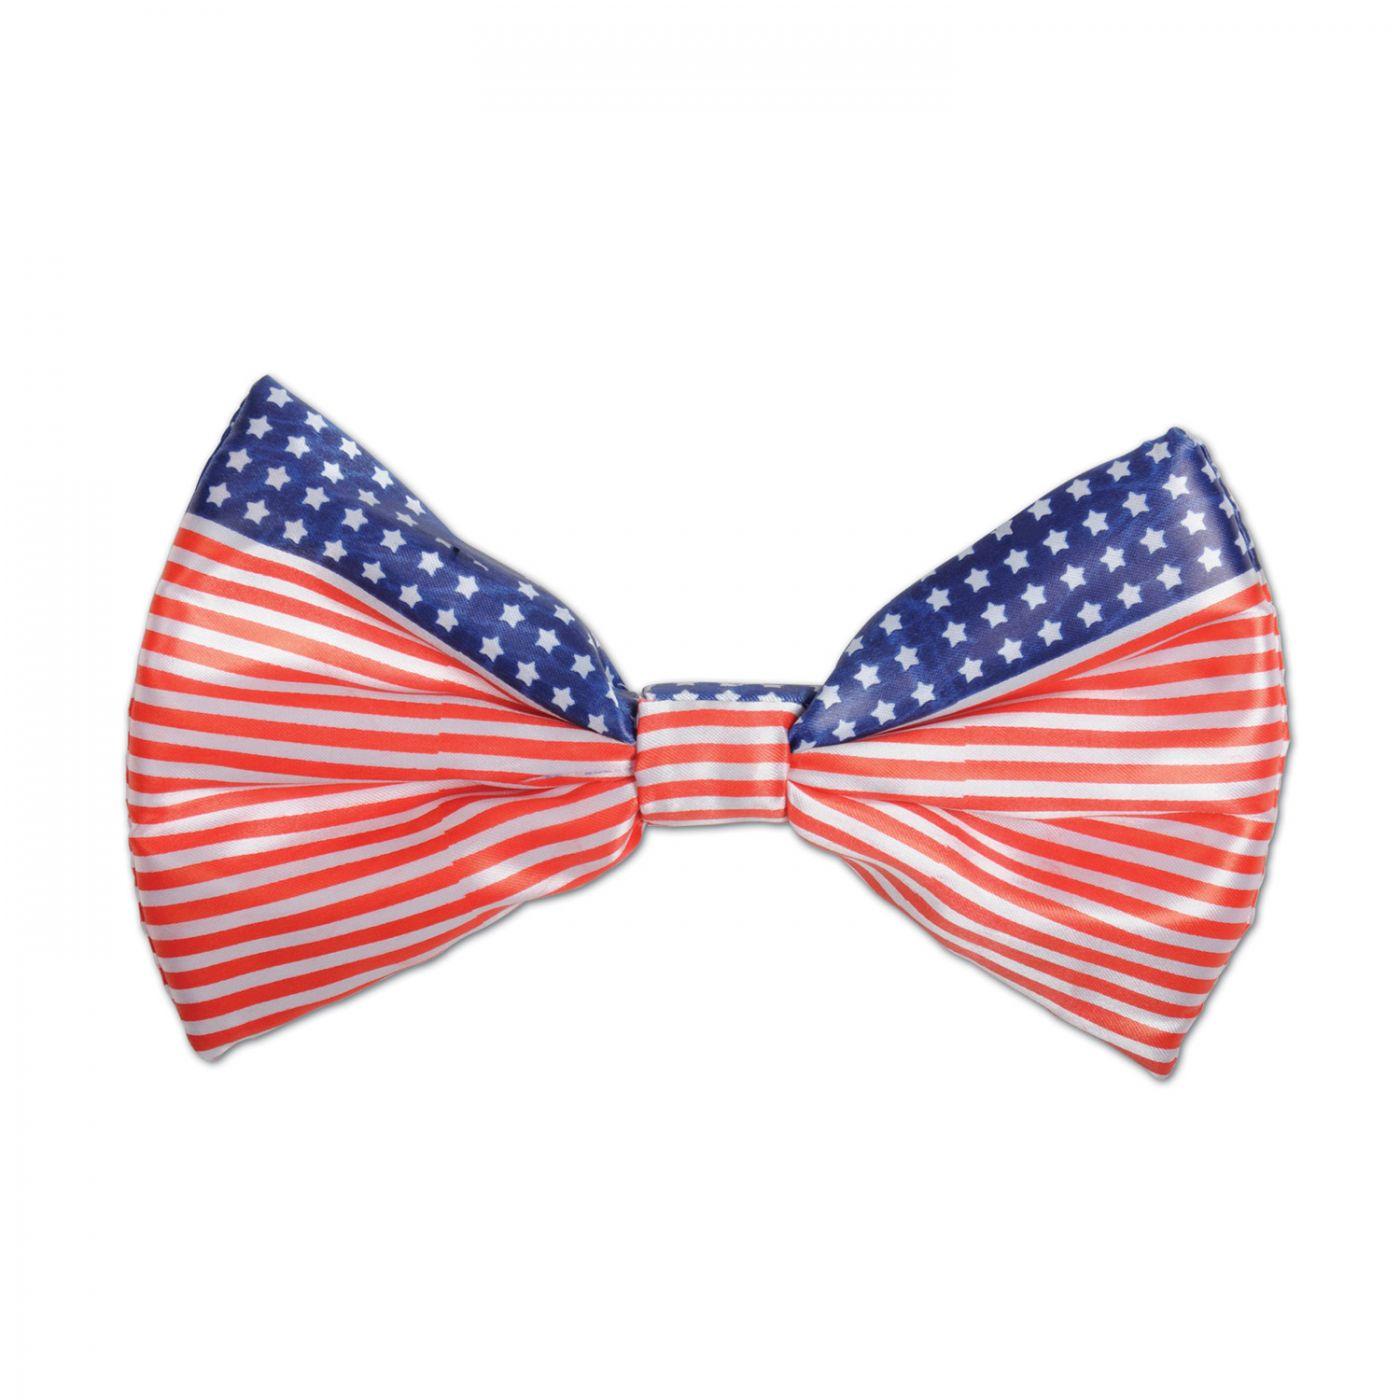 Patriotic Bow Tie image